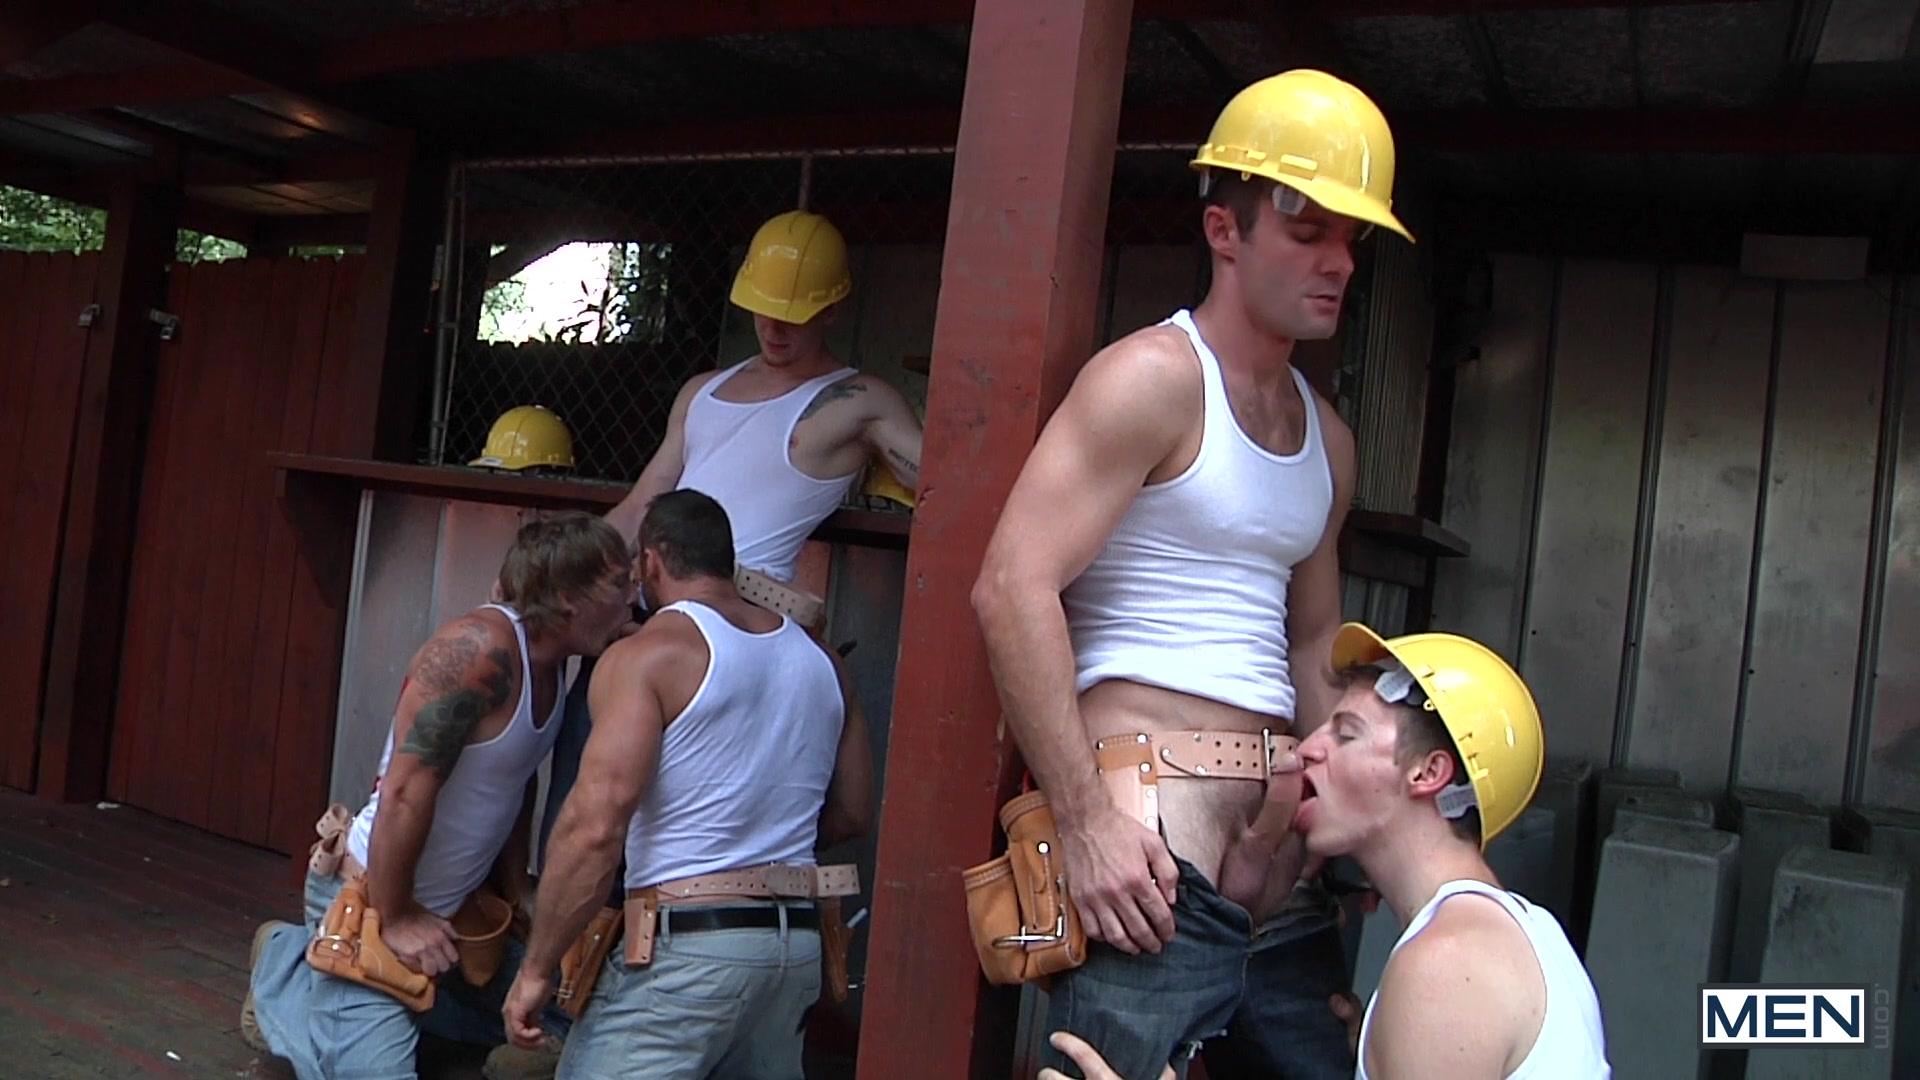 British Slut Milf Fucks Construction Guy